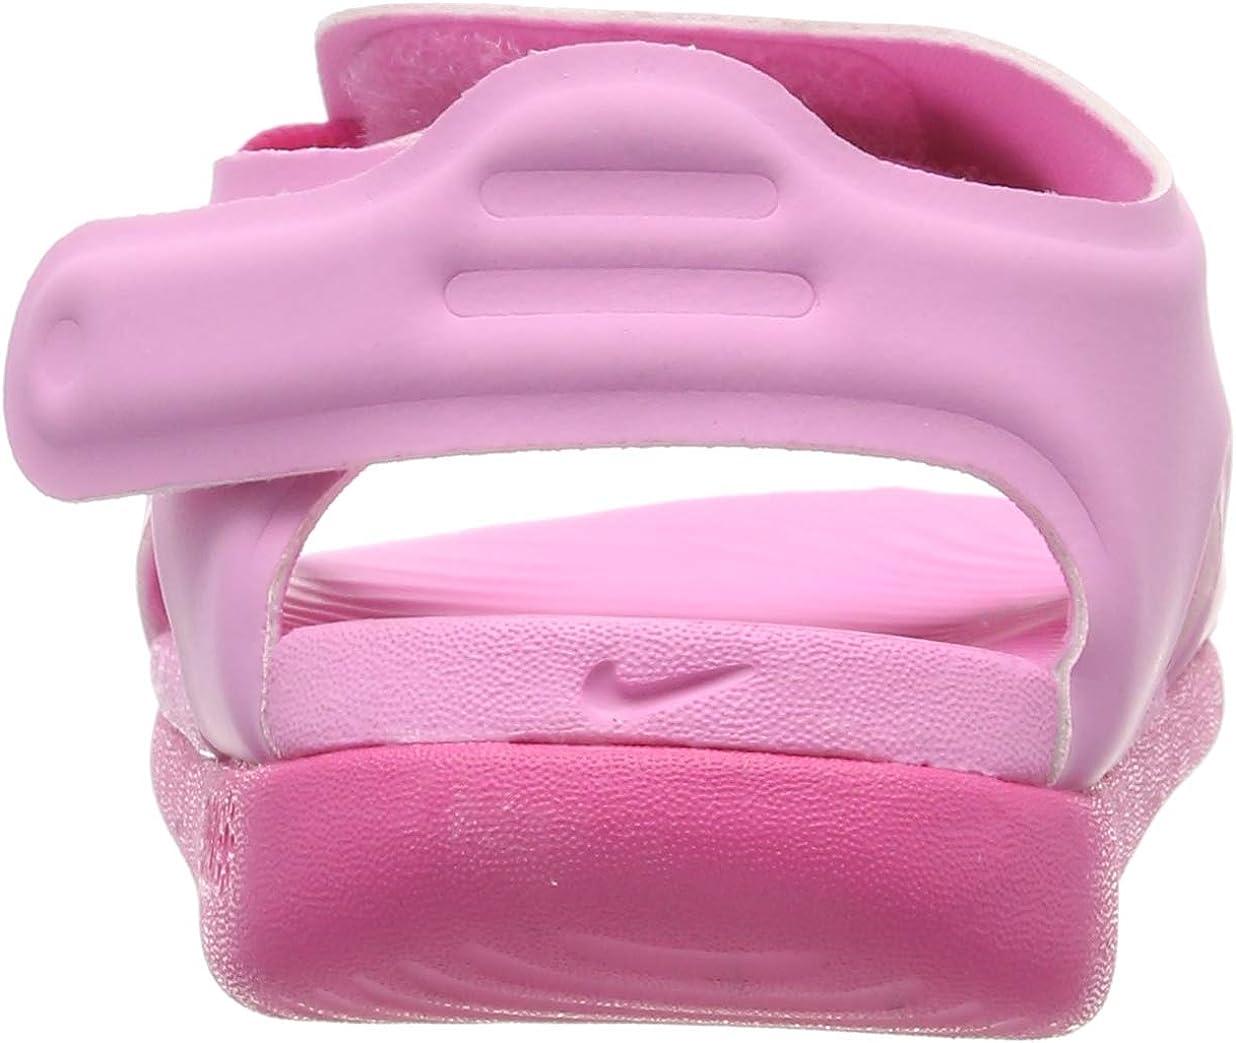 Nike Little/Big Kids' Sunray Adjust 5 Sandal